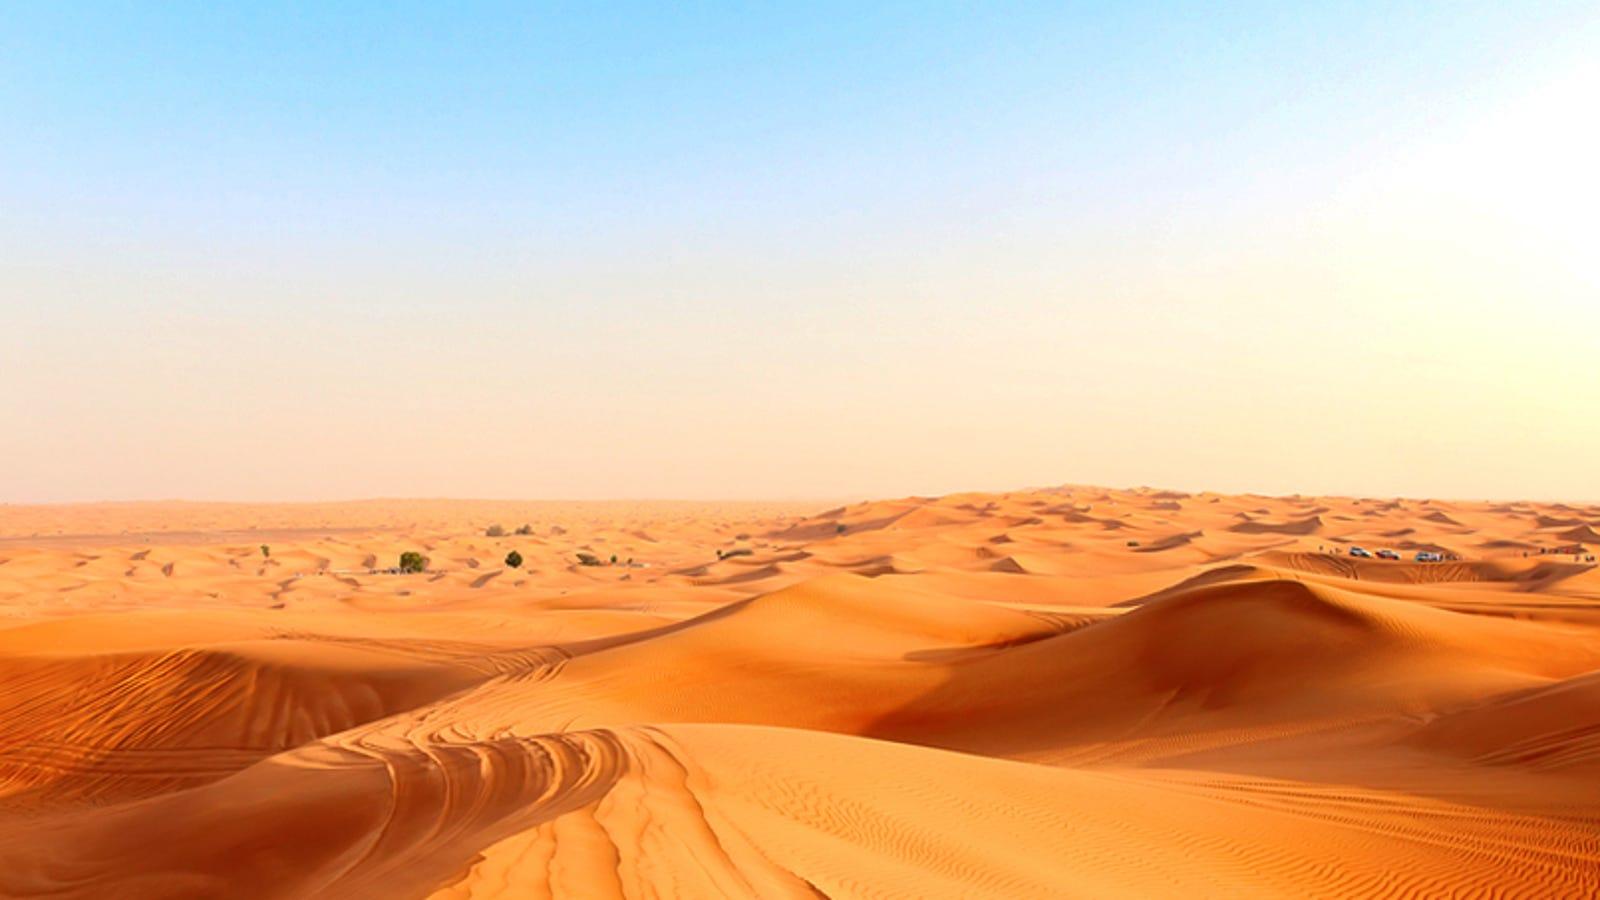 El calentamiento global podría hacer Oriente Medio inhabitable para el ser humano